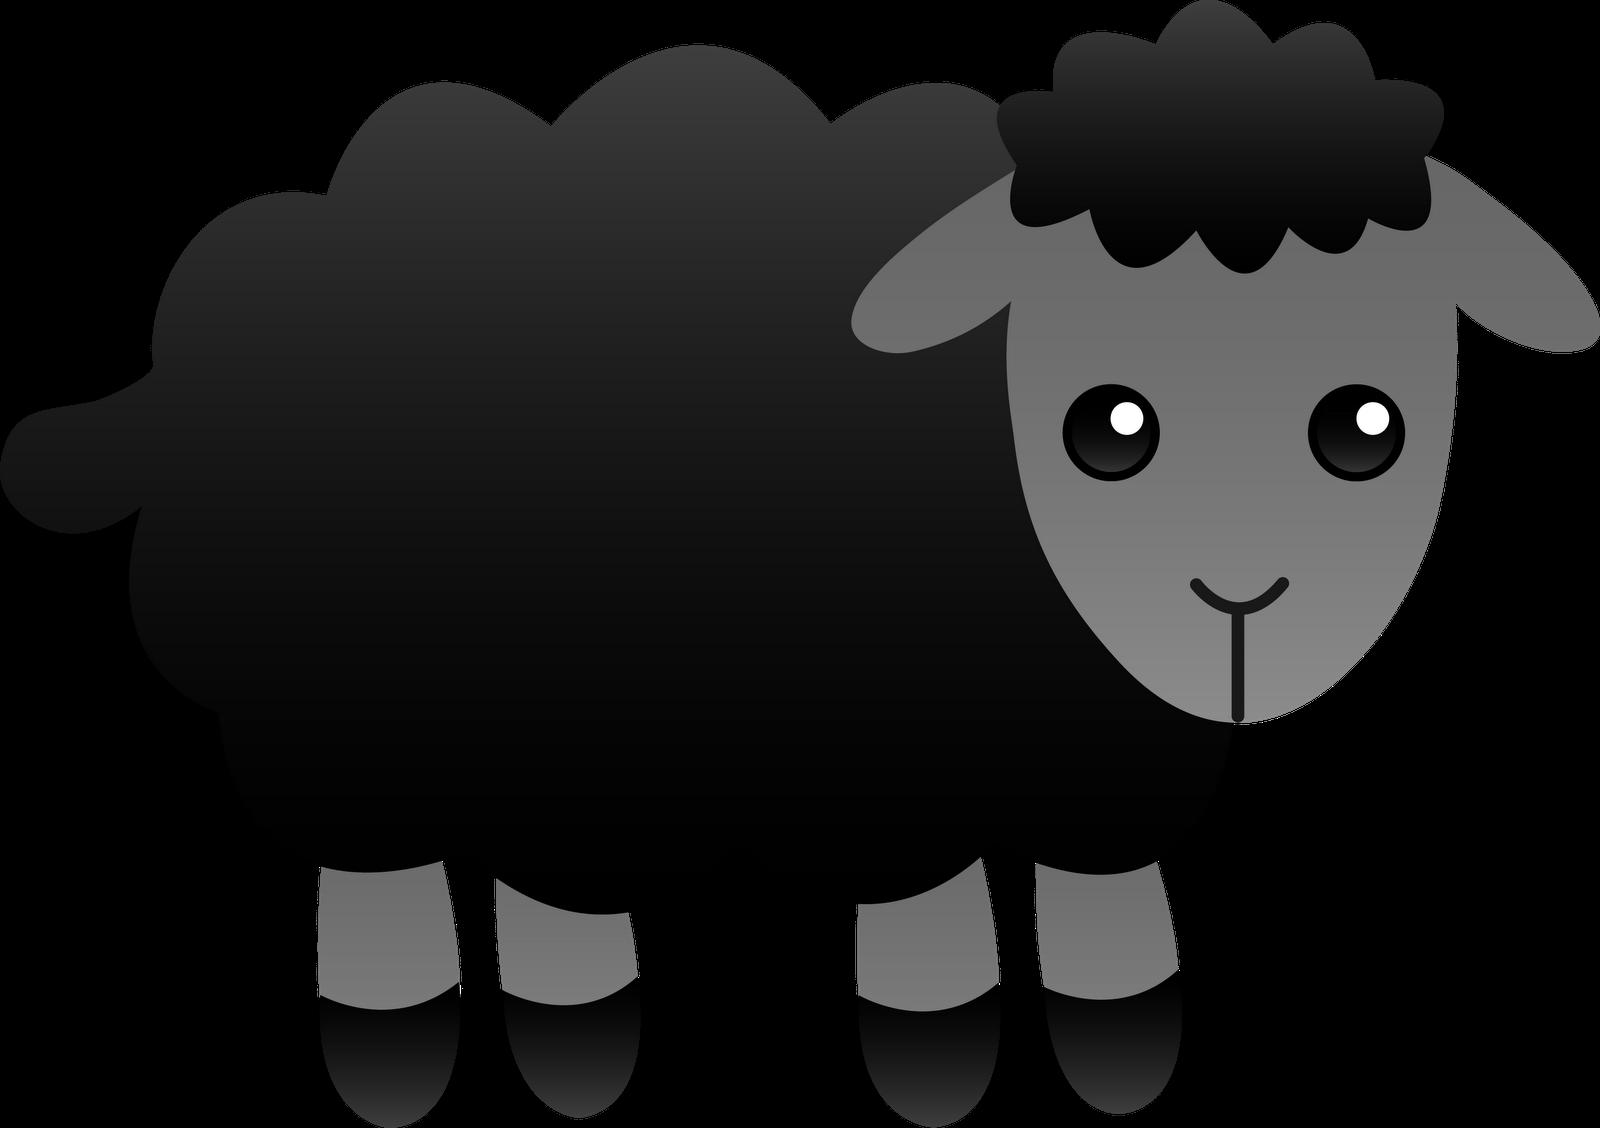 Black Sheep Clipart